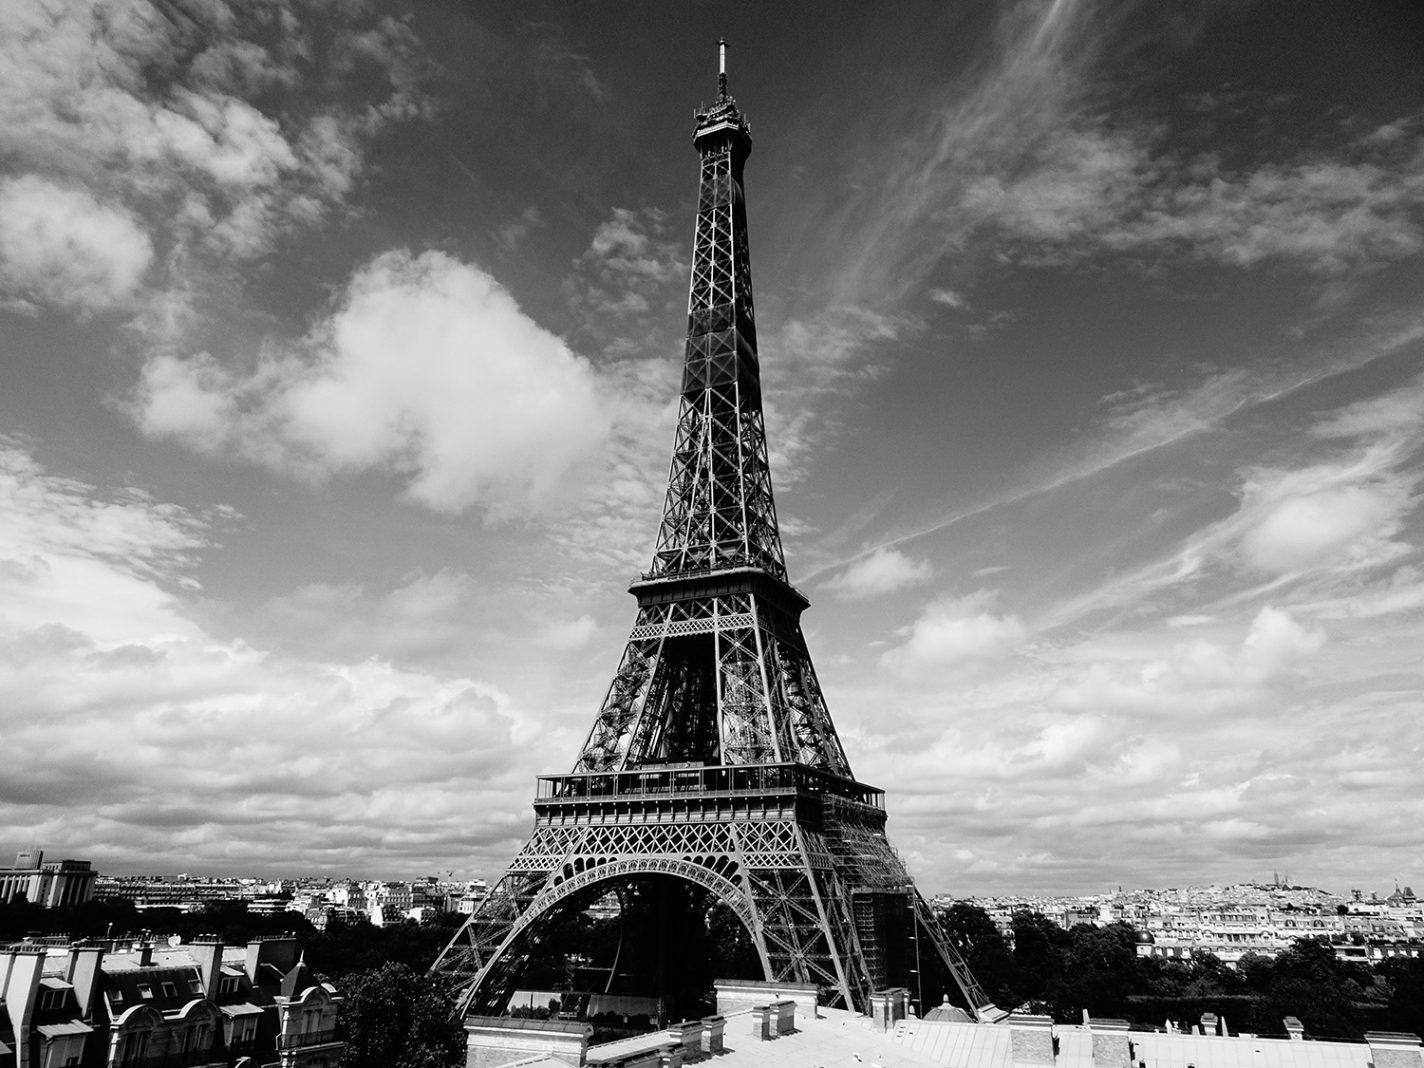 De Eiffeltoren in Parijs - reisbestemmingen 2021